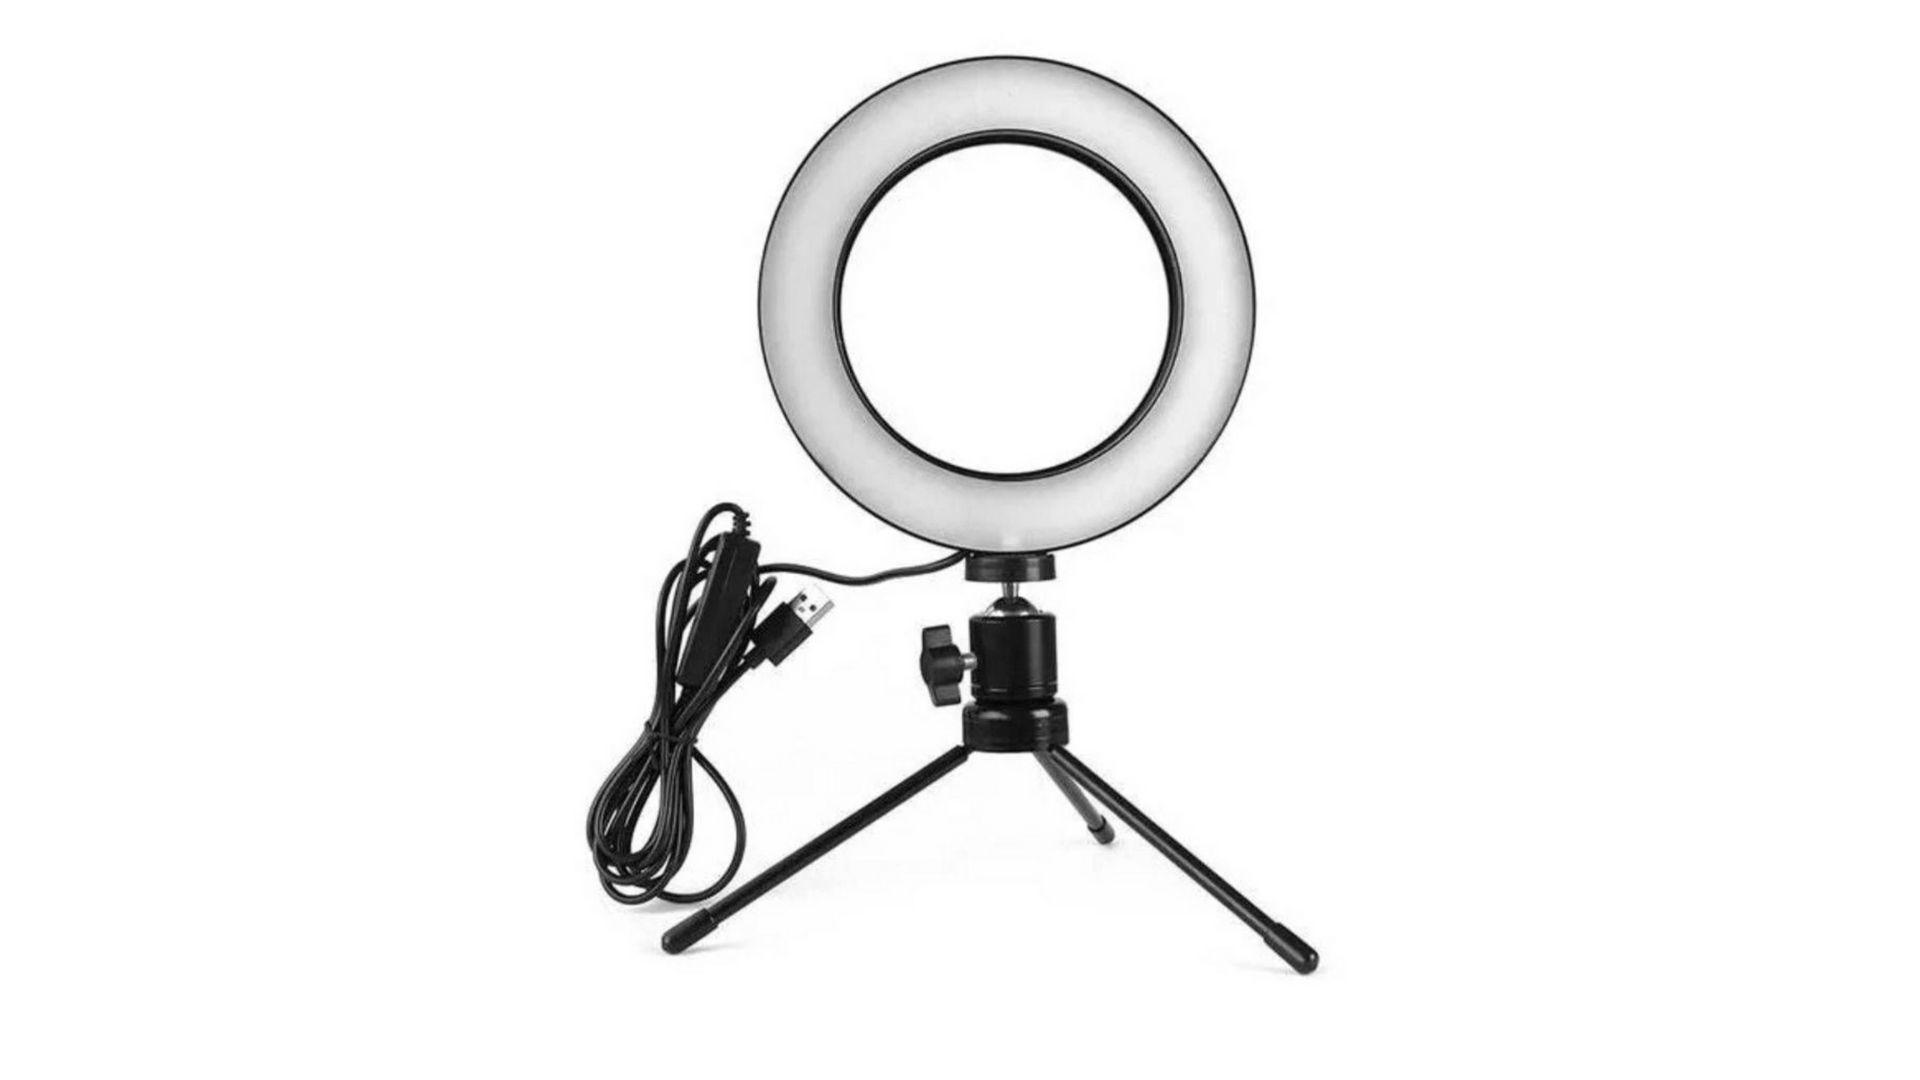 Tripé de mesa com ring light permite ajustar intensidade da luz (Foto: Divulgação/Estary Shop)